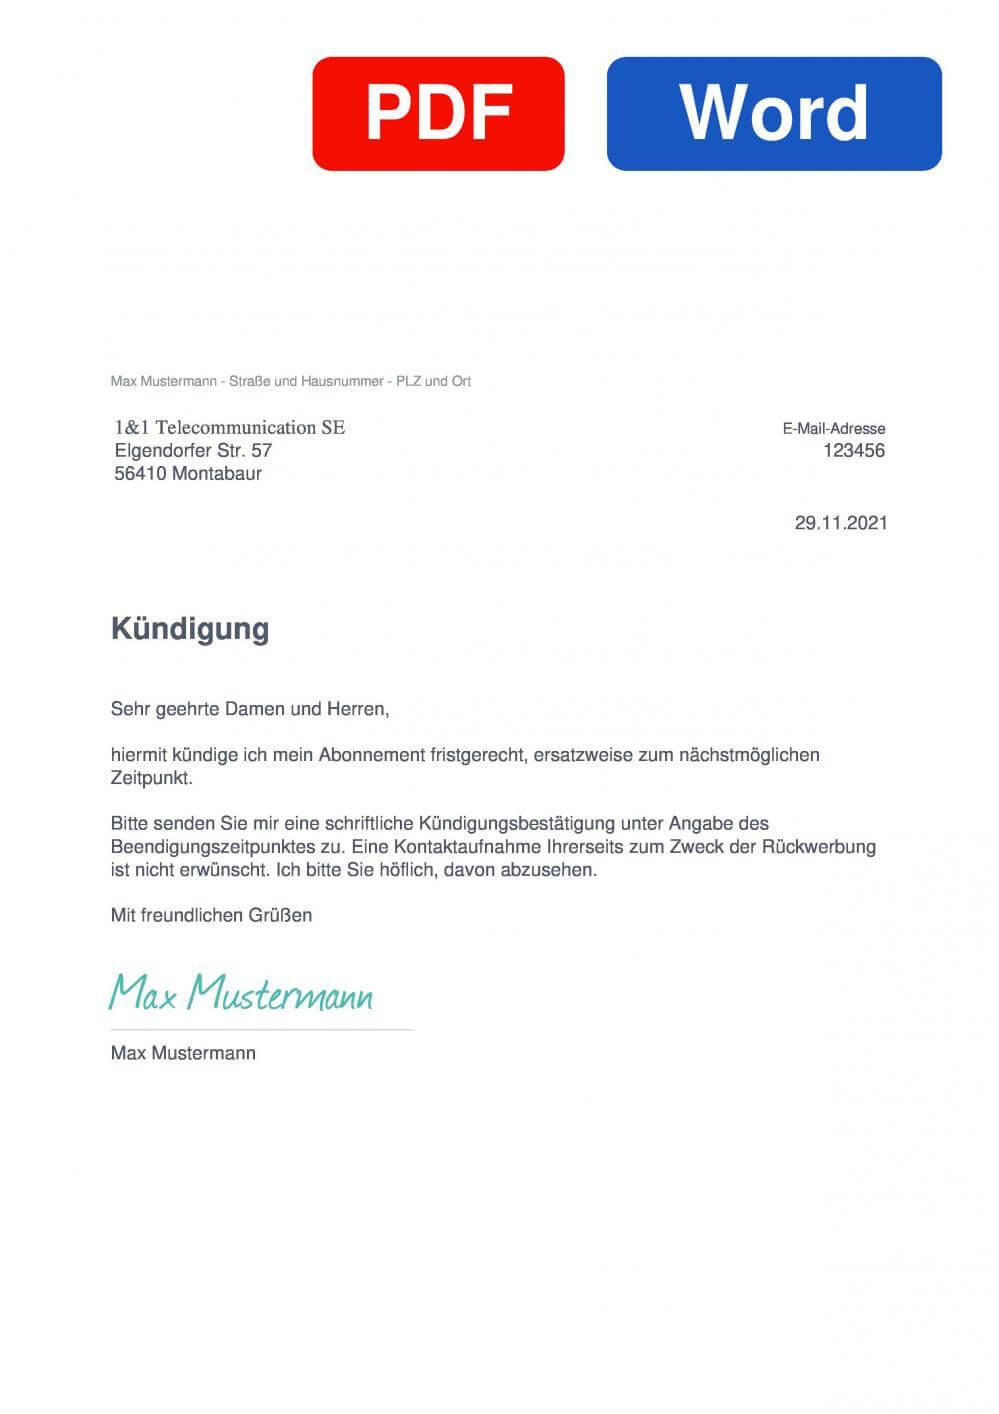 WEB.DE Online Speicher Muster Vorlage für Kündigungsschreiben